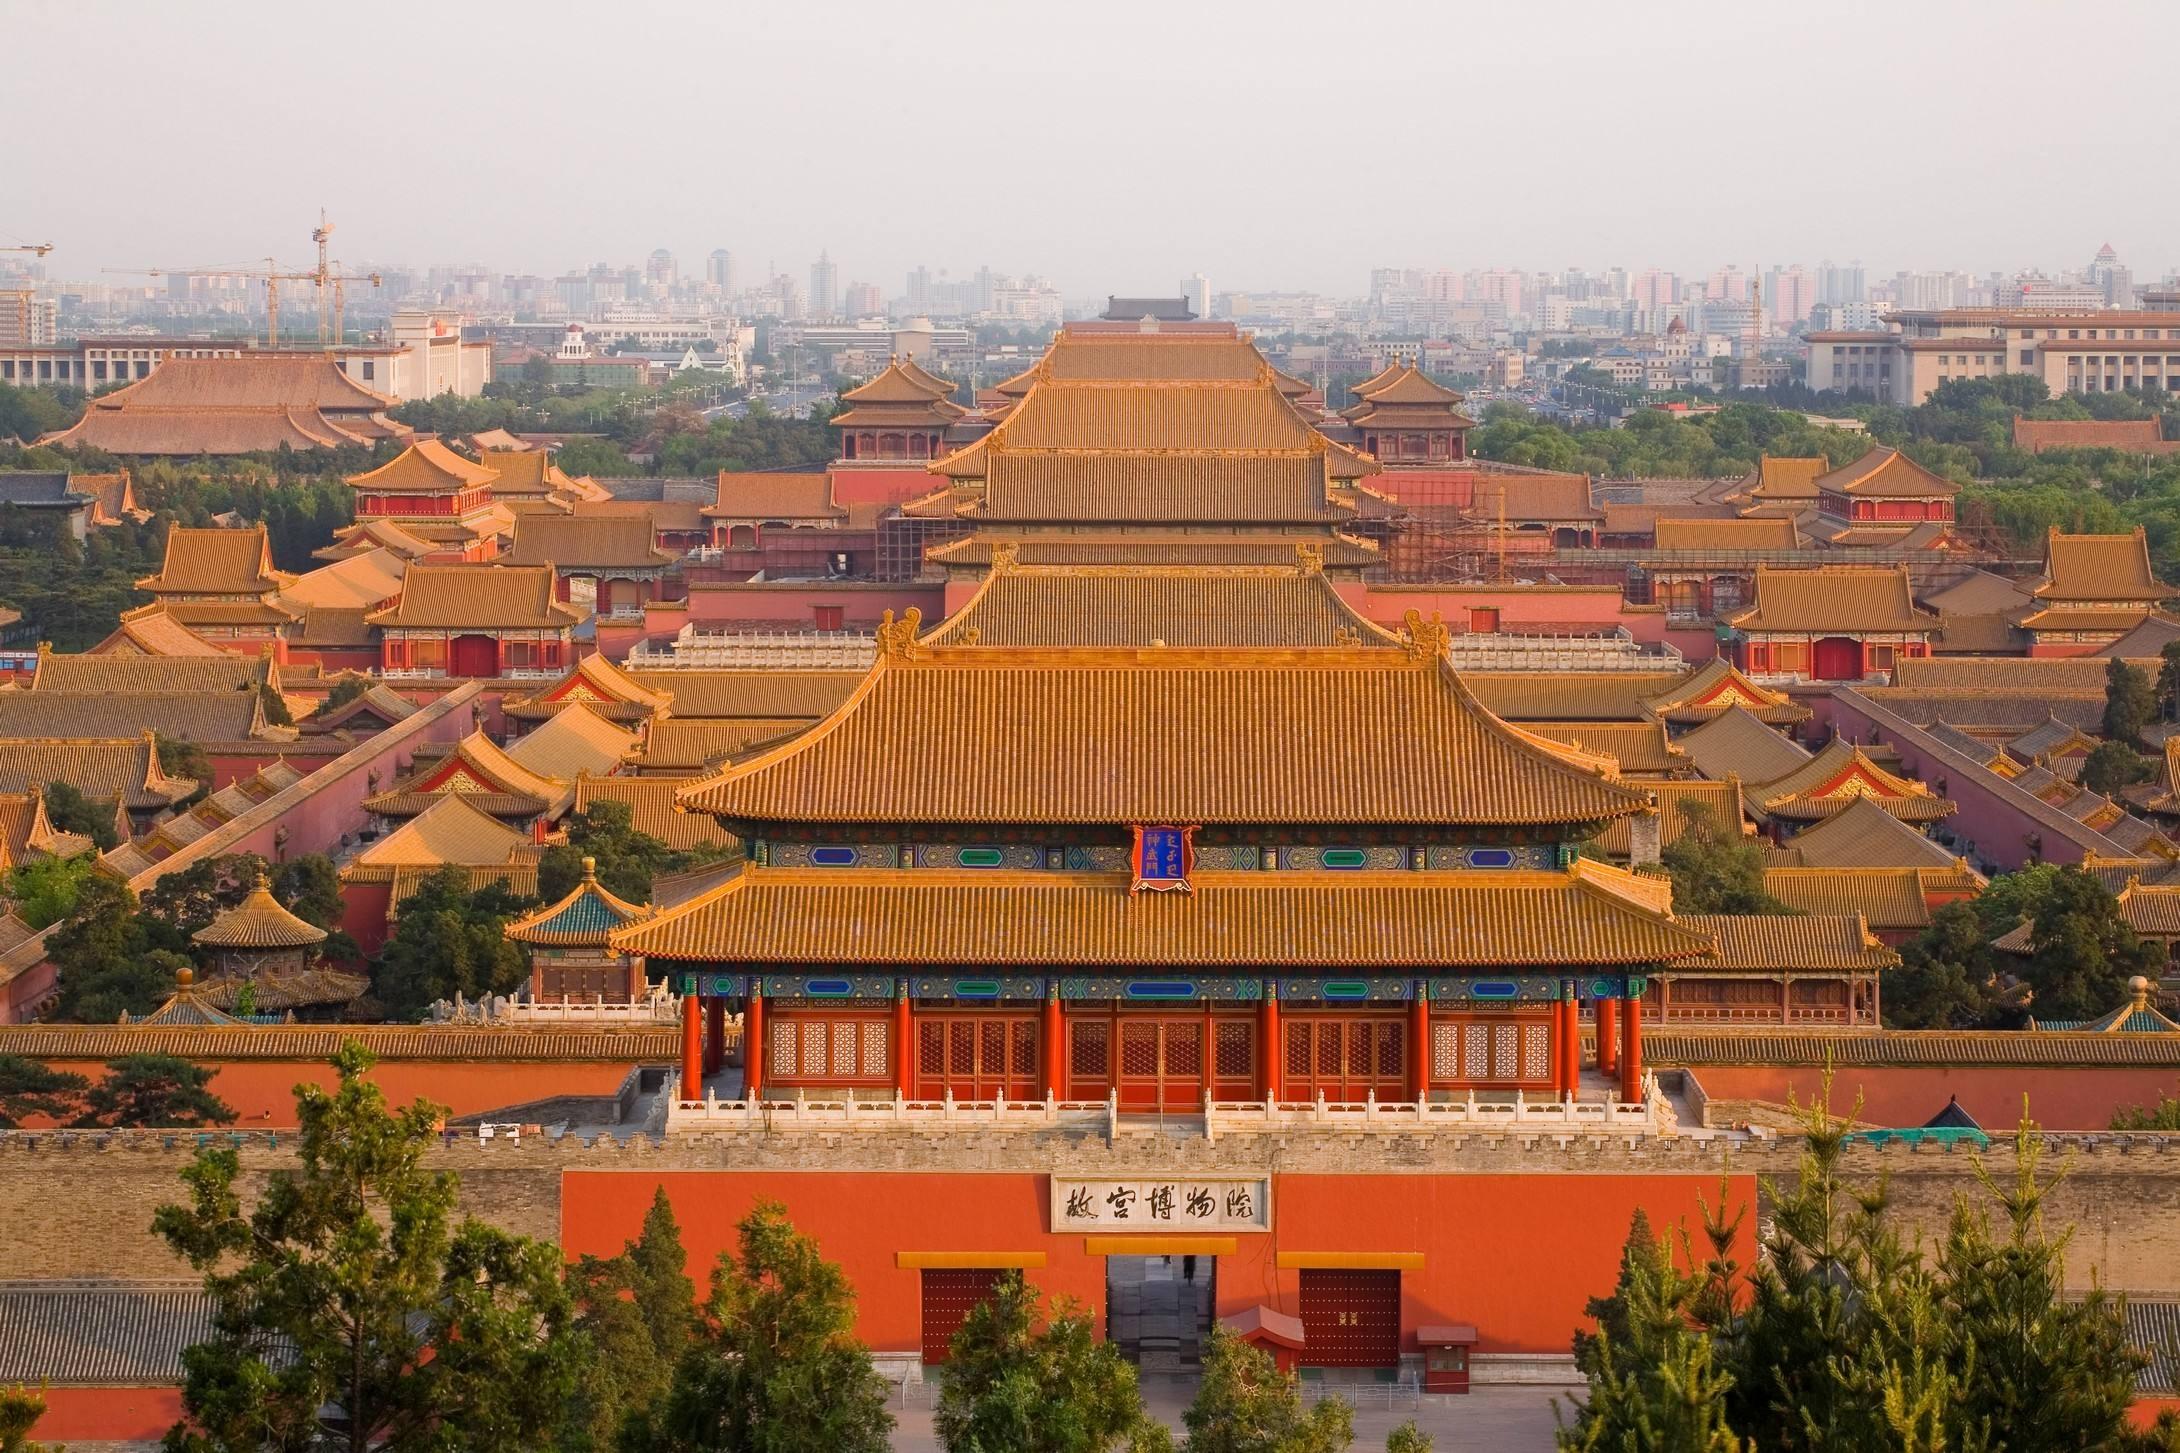 2.北京故宫图片